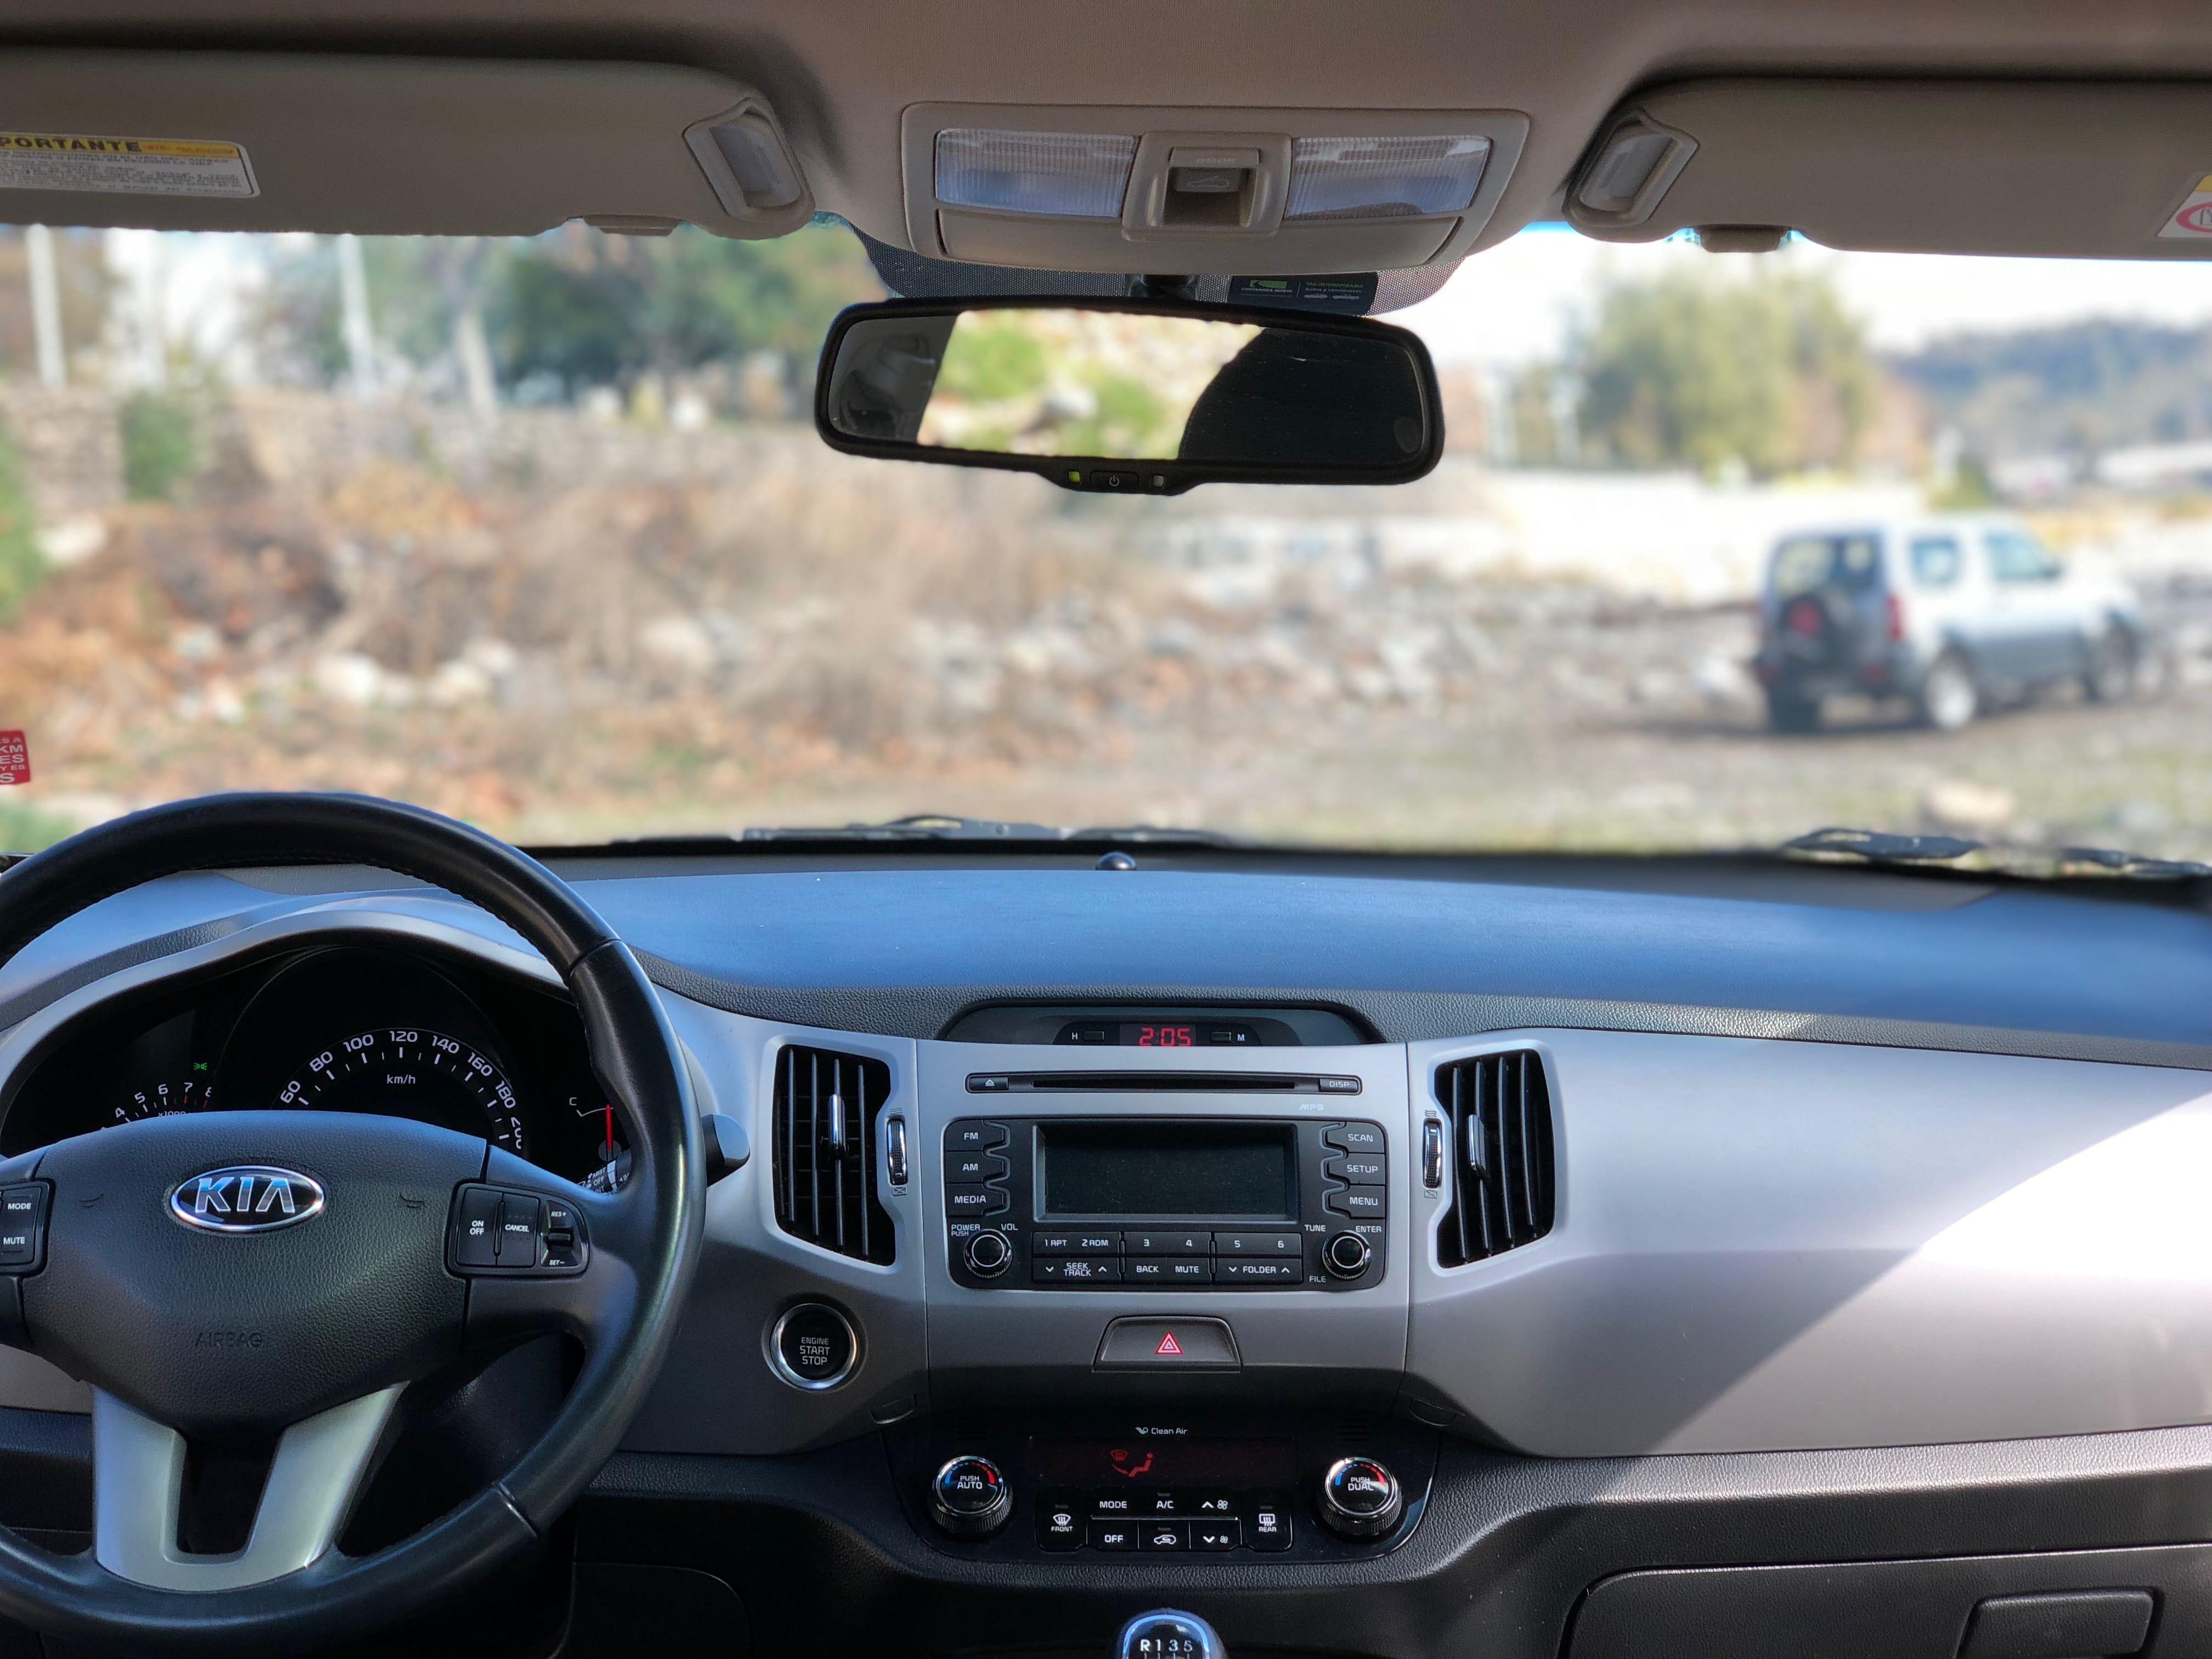 Kia Sportage EX 2.0L 4x2 Full Equipo año 2015